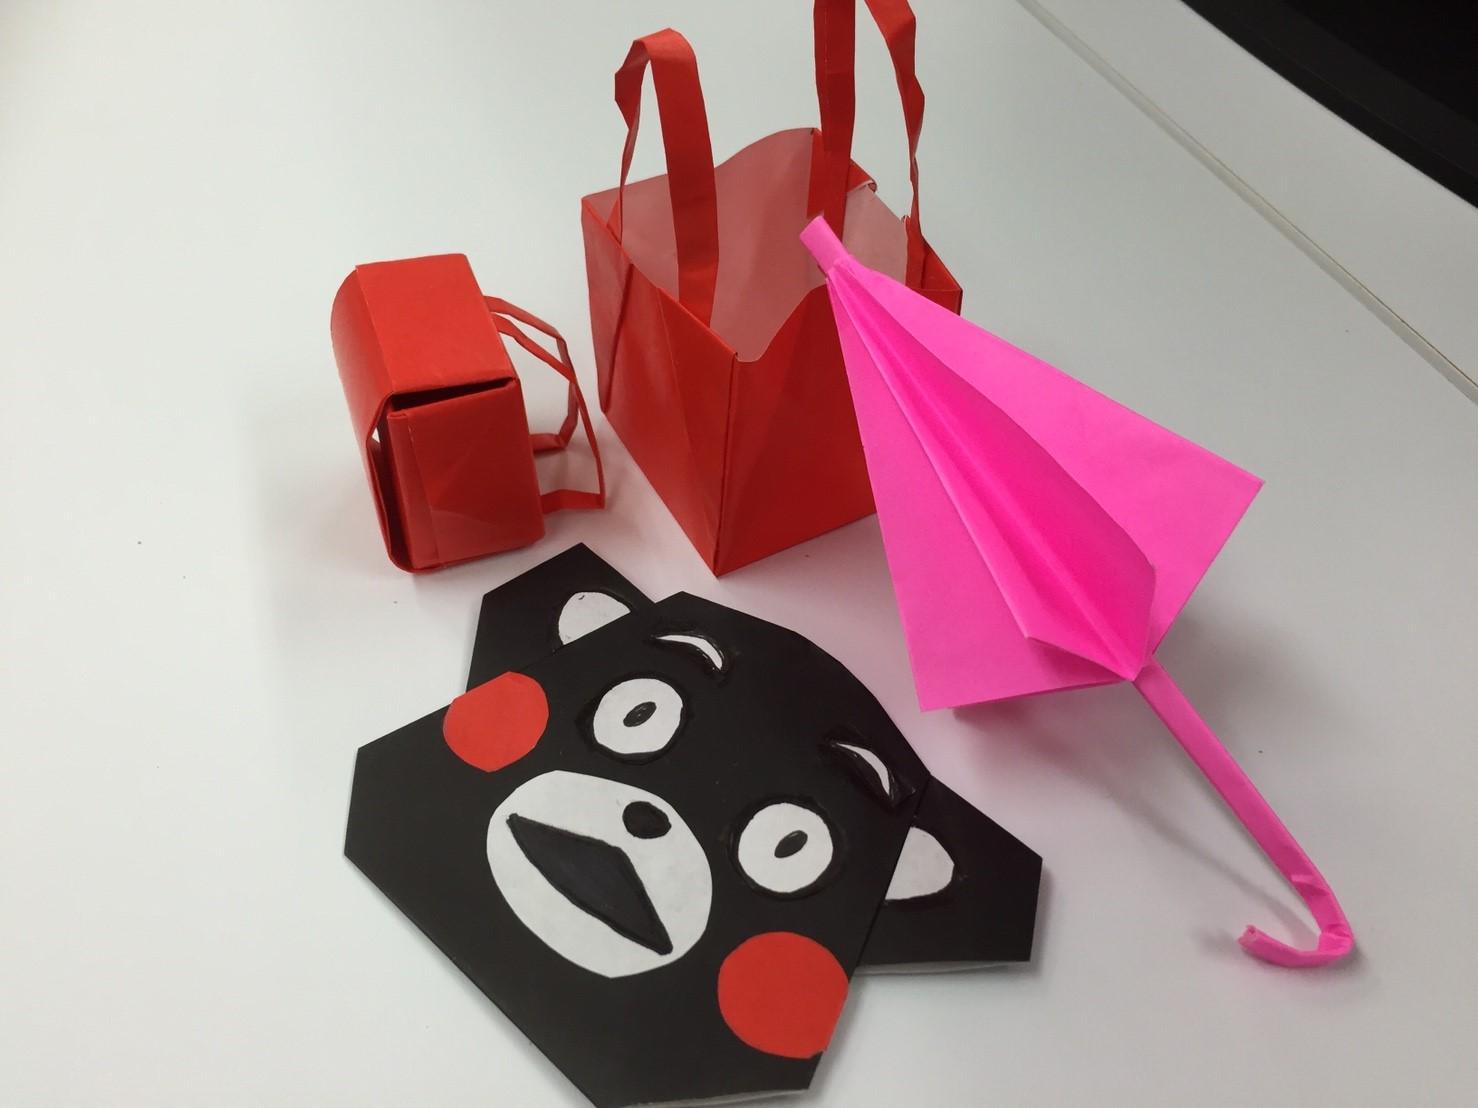 折り紙!?